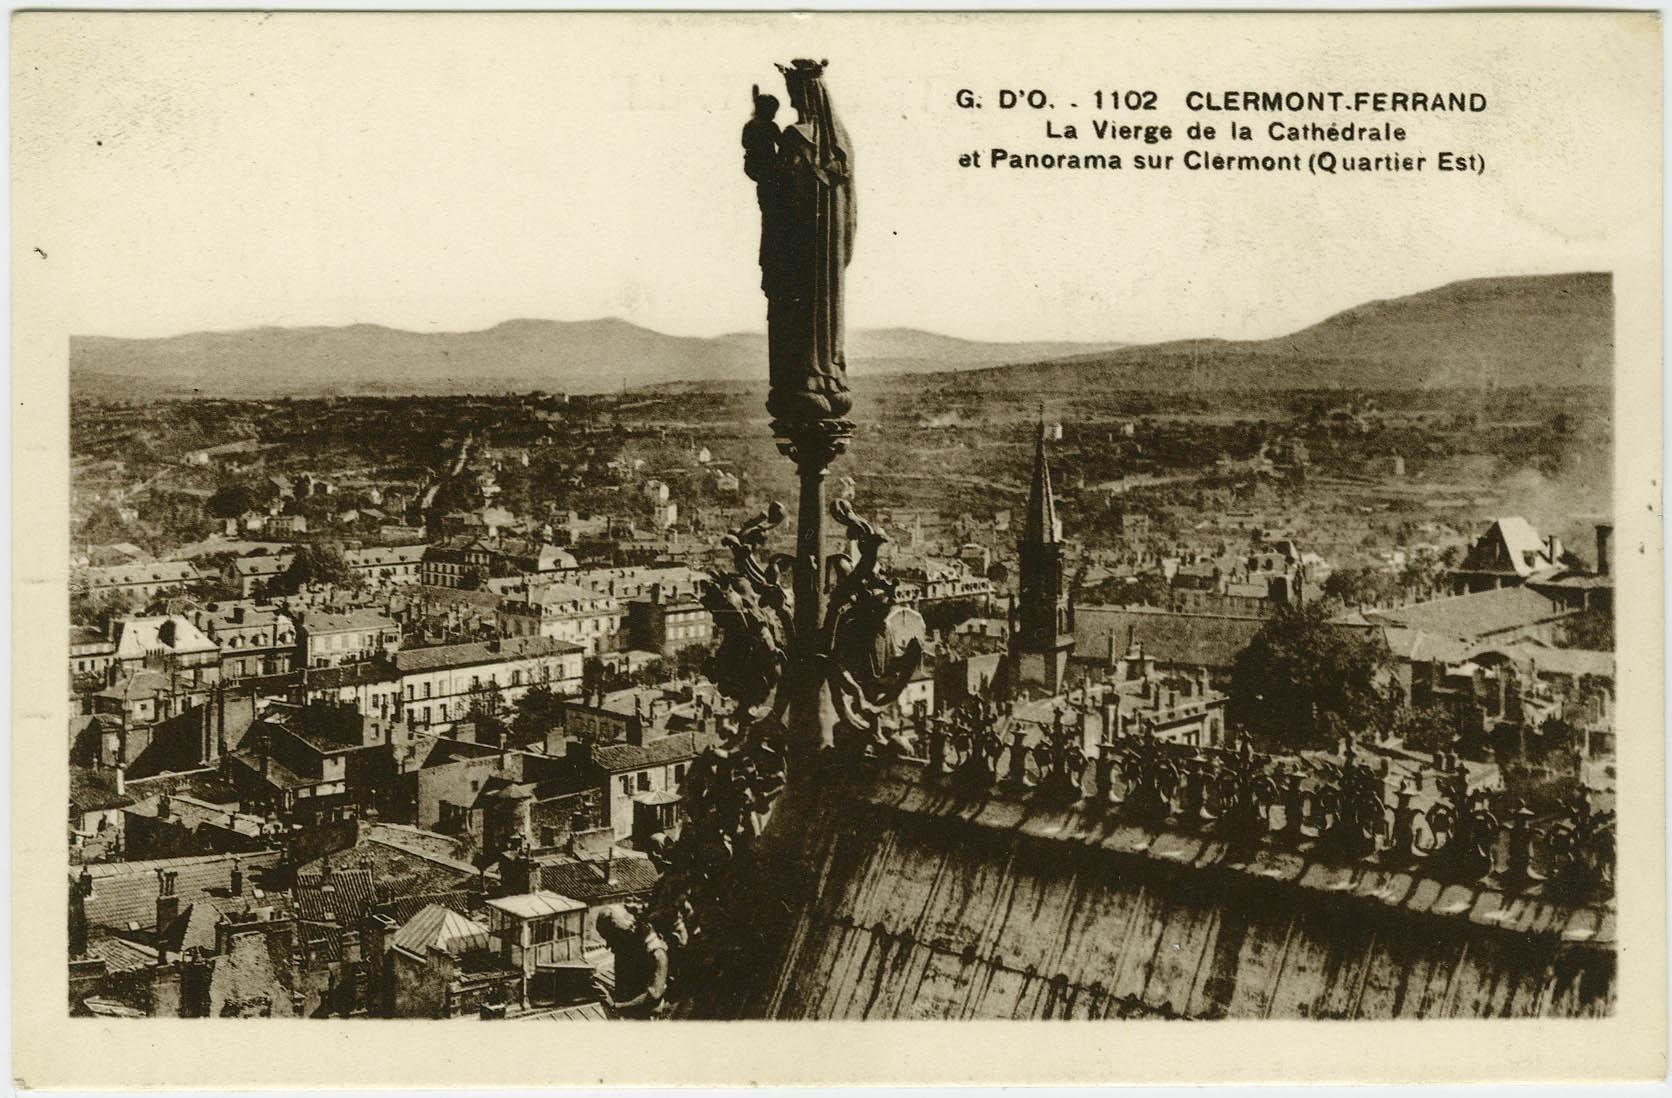 Fig.3. La Vierge de la cathédrale et panorama sur Clermont-Ferrand (quartier est). Carte postale, vers 1910, coll. part. Repro. Christian Parisey © Région Auvergne-Rhône-Alpes, IGPC, 2016.